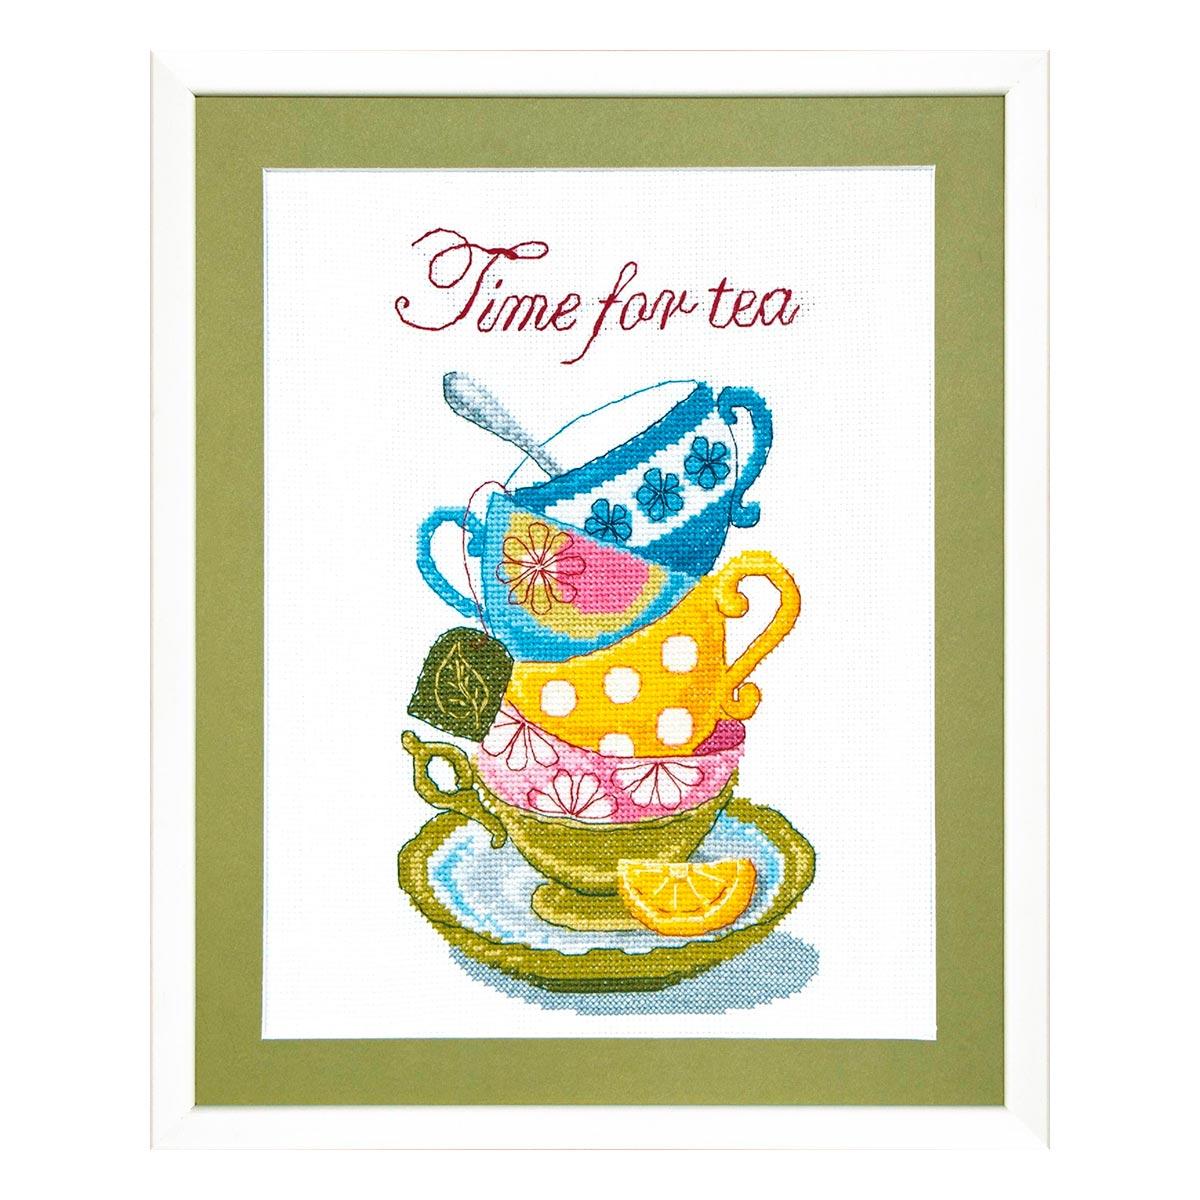 ВТ-005 Набор для вышивания 'Чарівна Мить' Crystal Art 'Time for tea', 20*26 см